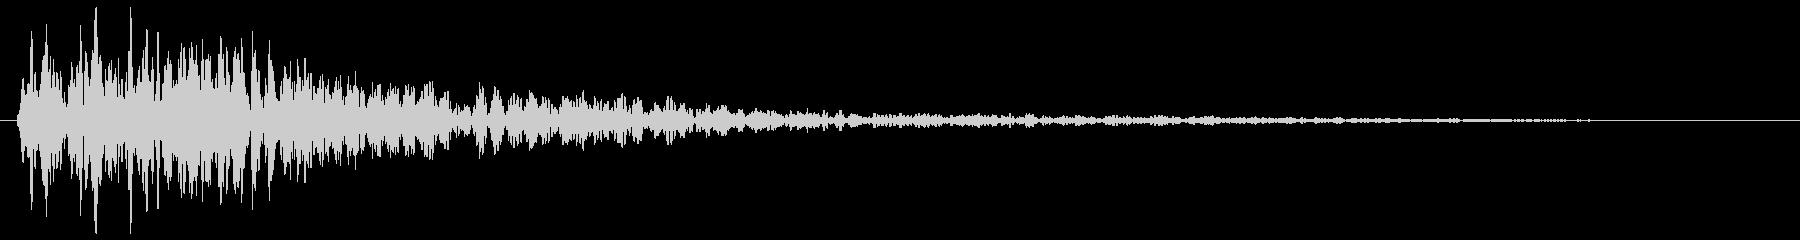 ボバァ〜ン(重みのある太鼓の様な効果音)の未再生の波形